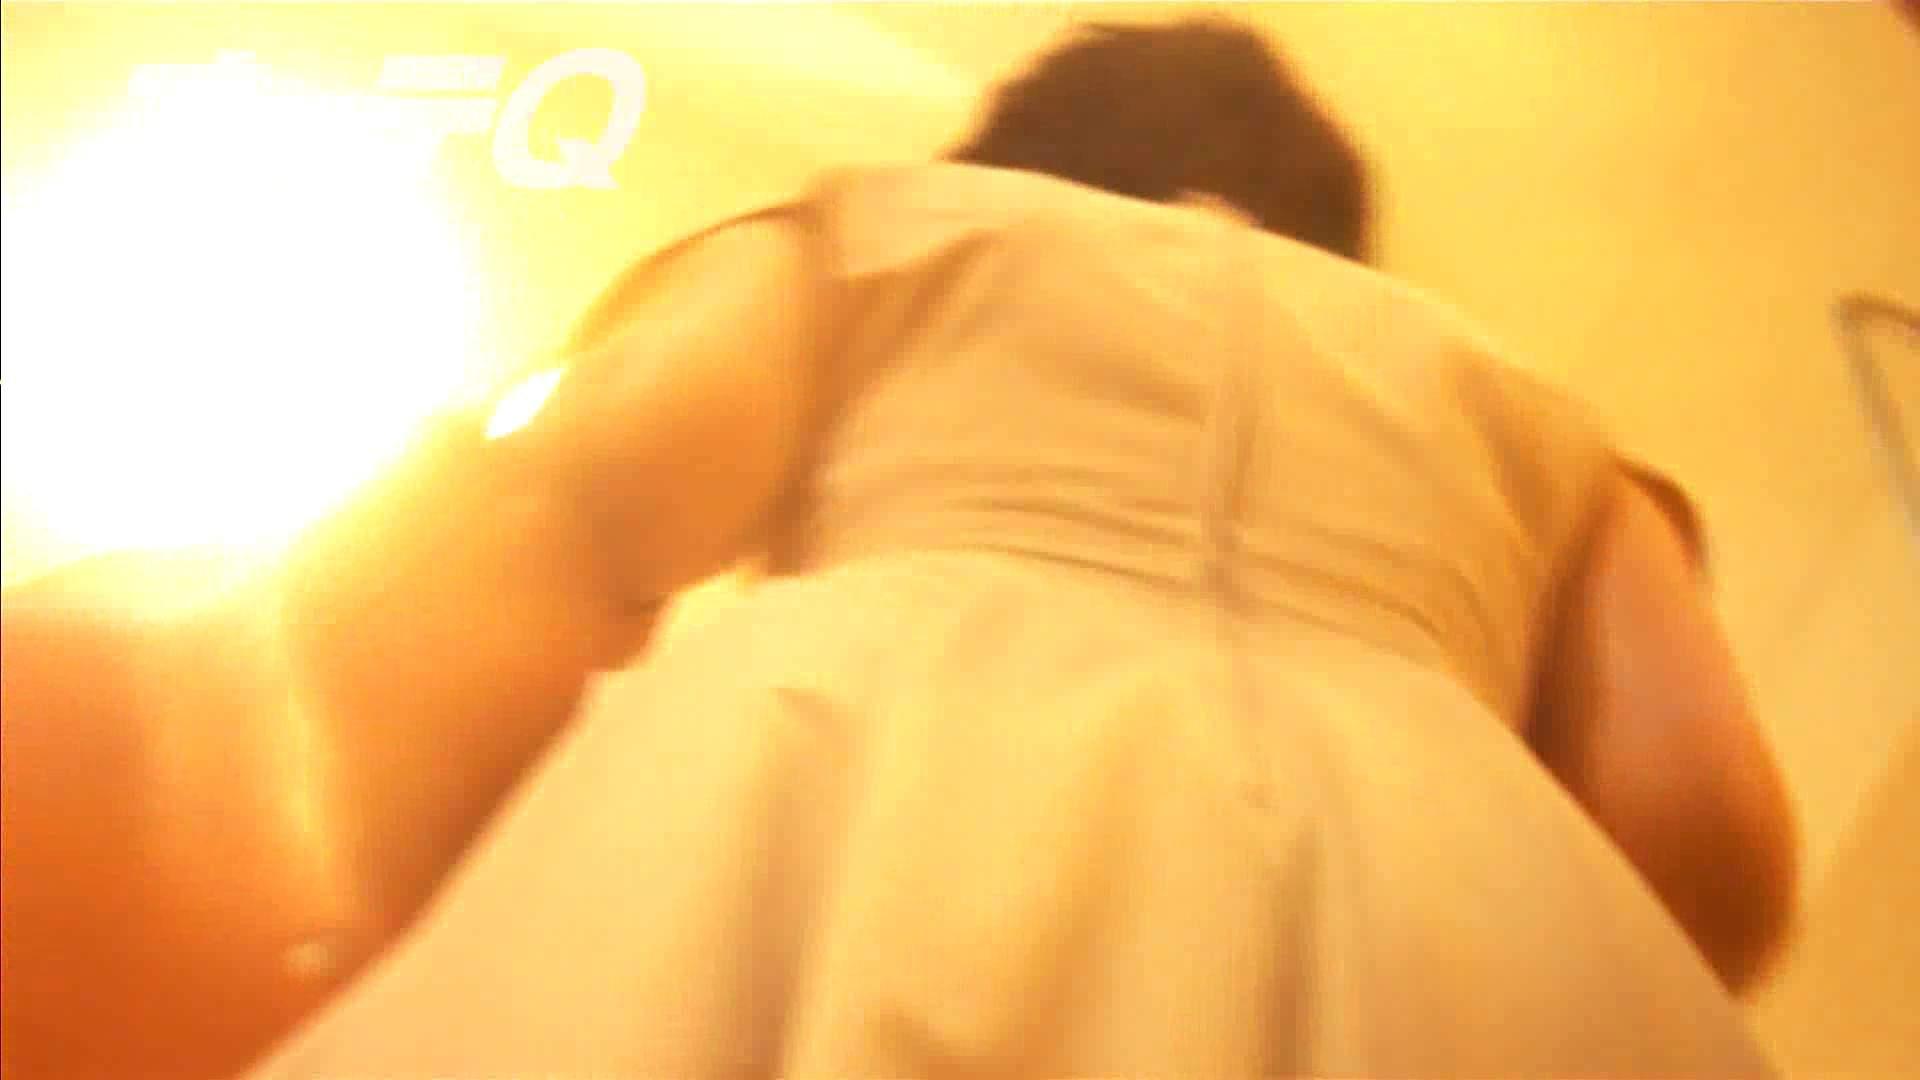 ハイビジョンパンチラ オッテQさんの追跡パンチラデパート編VOL.04 パンチラ | チラ  105pic 55